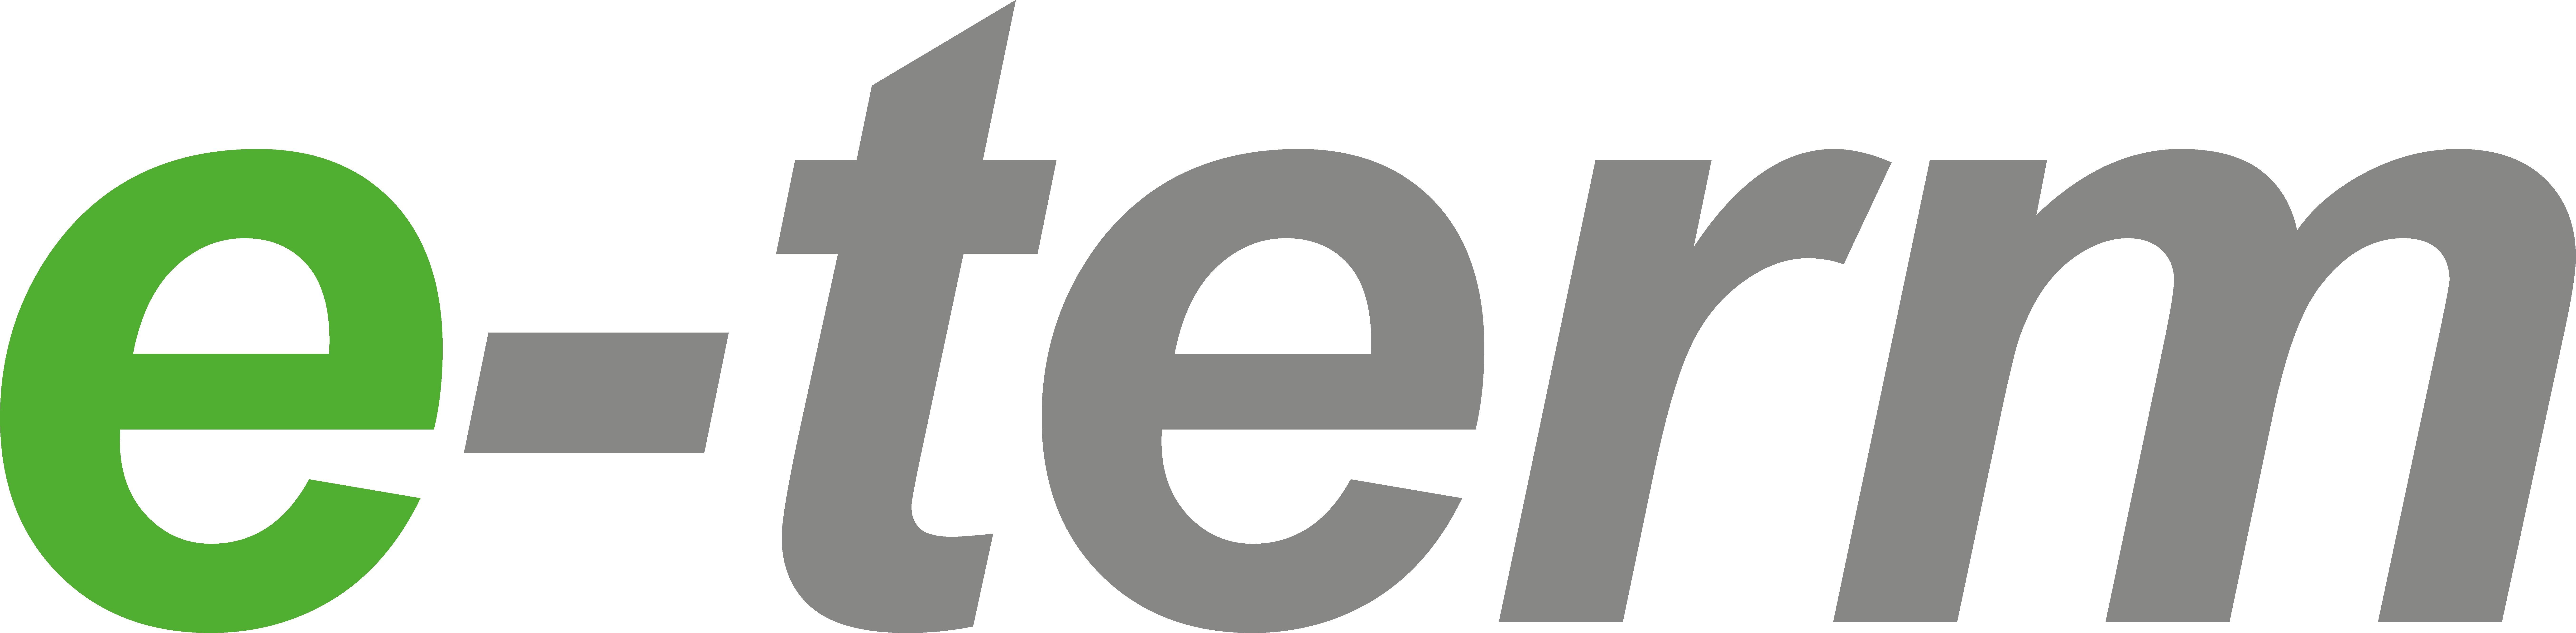 (16) e-term